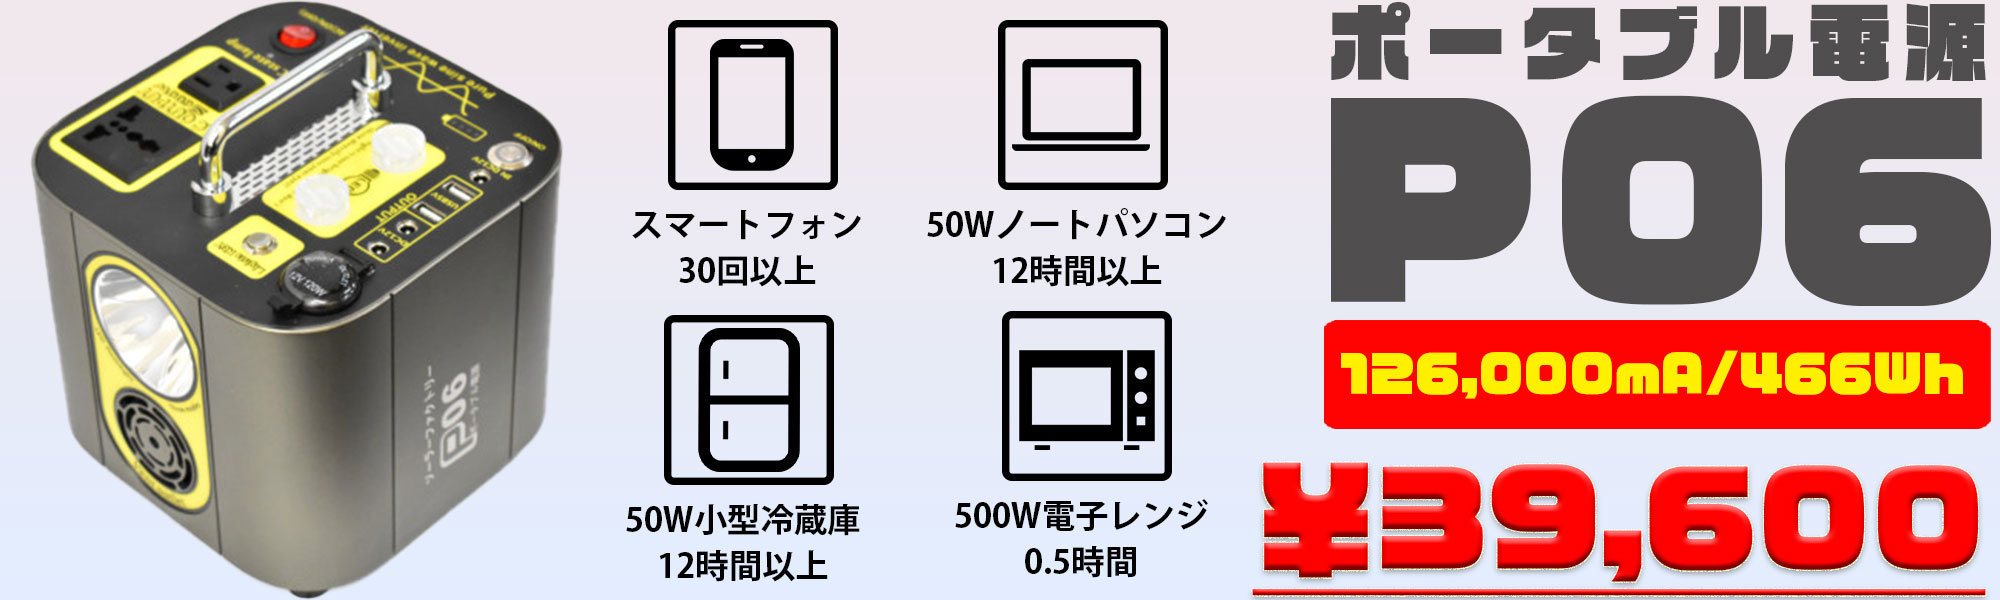 ポータブル電源 P06 トップ